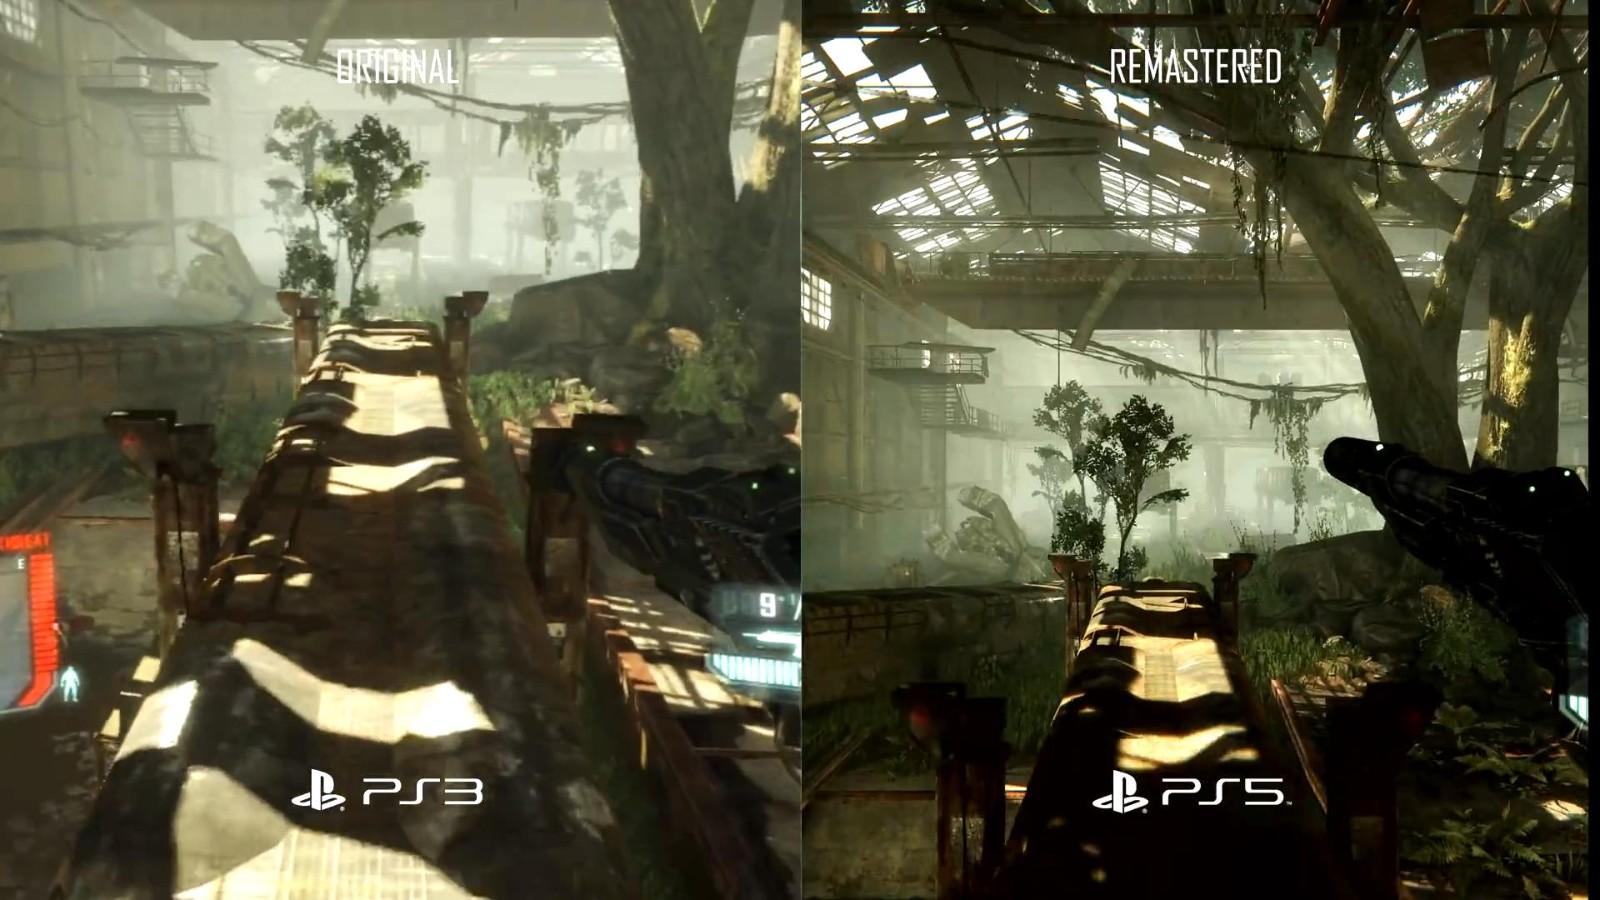 《孤岛危机复刻版三部曲》PS3 Vs.PS5视频 画面大改进  第2张